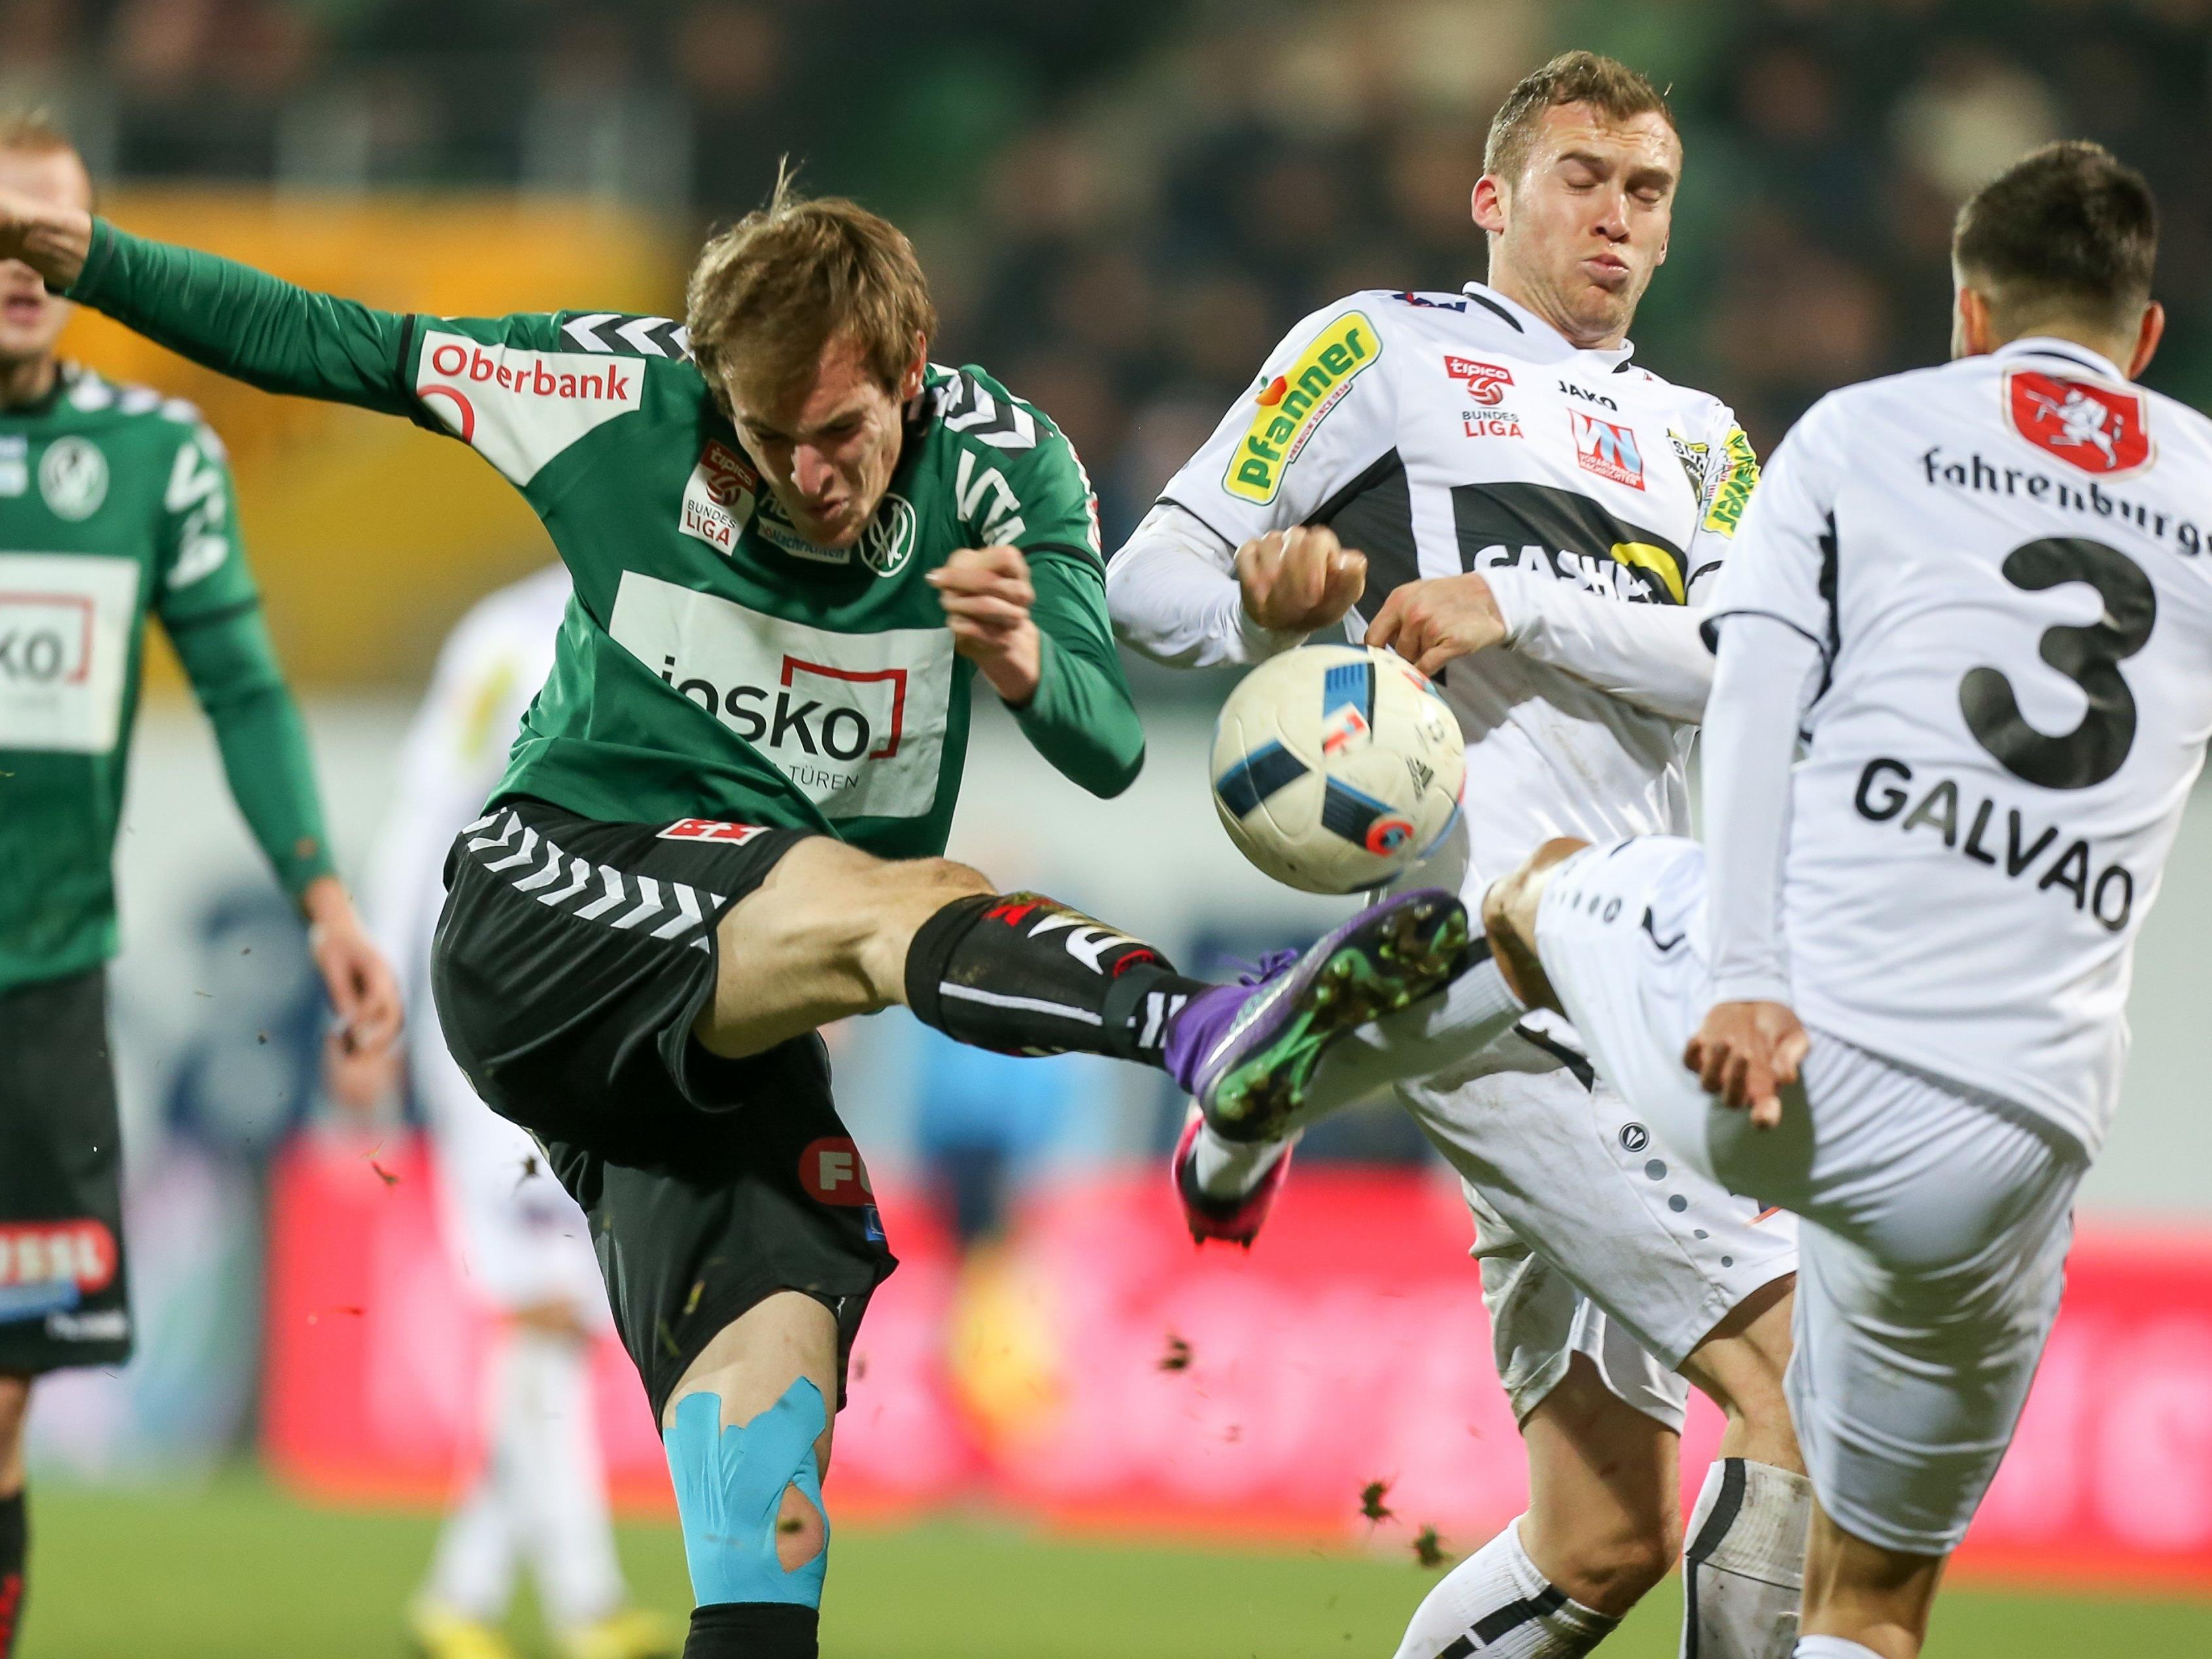 LIVE-Ticker zum Spiel SCR Altach gegen SV Ried ab 17.30 Uhr.